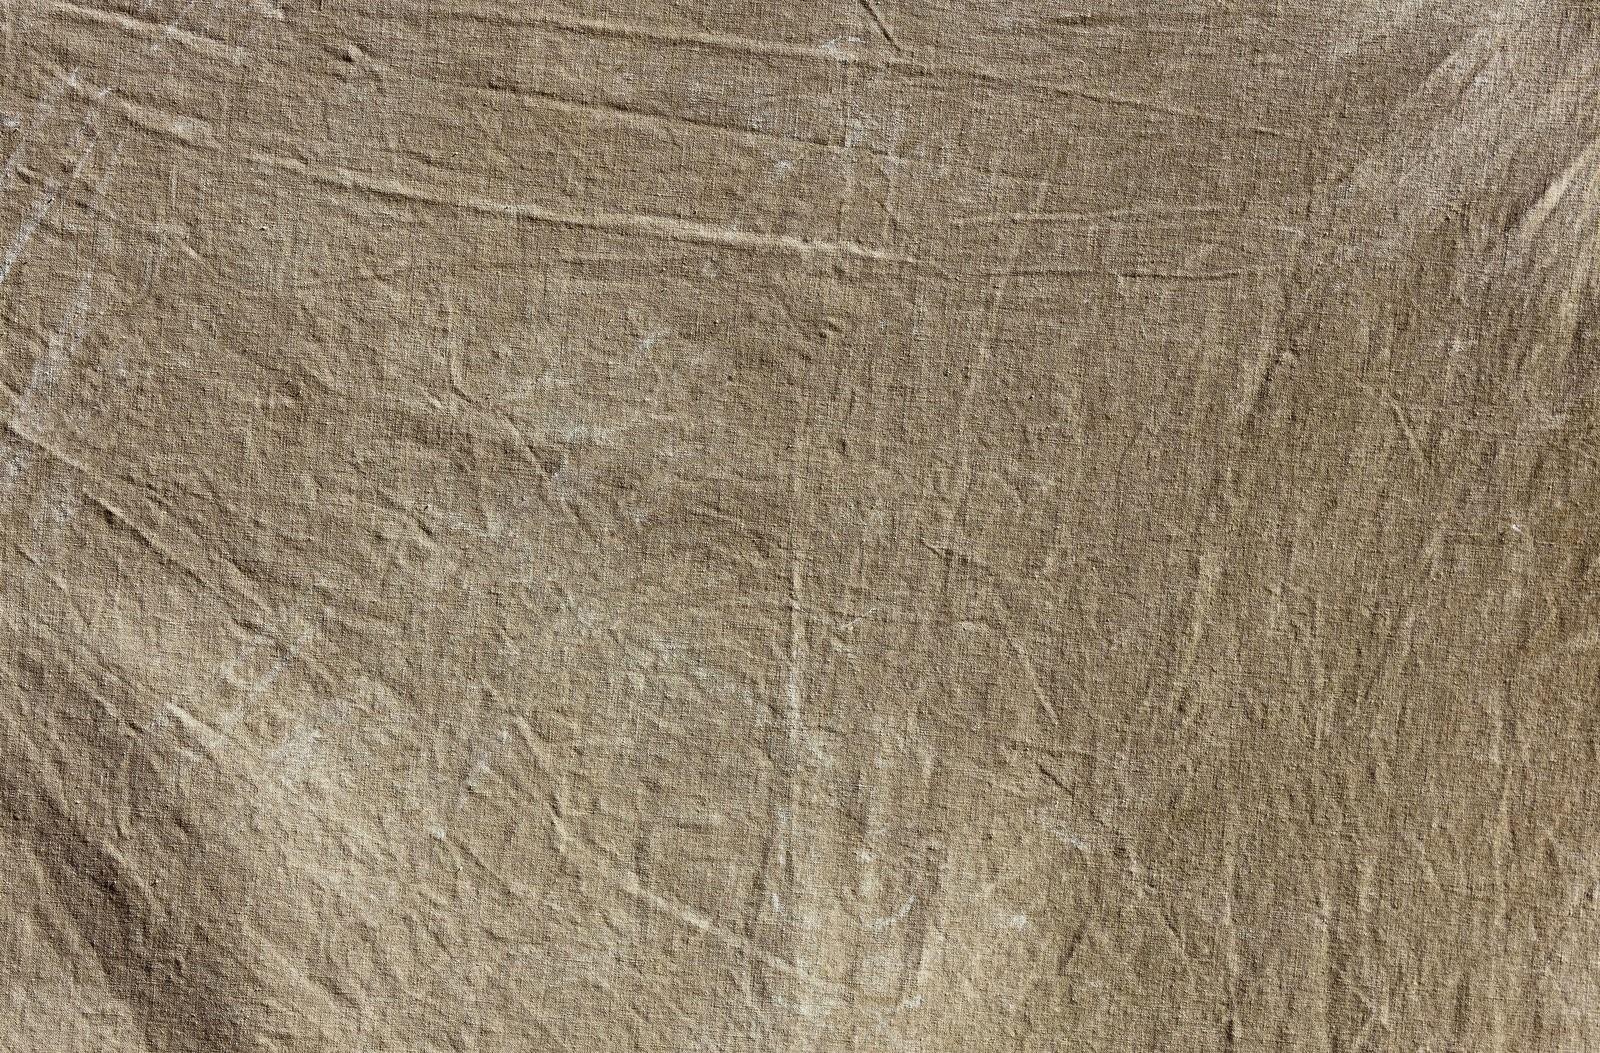 「茶色いボロボロの布(テクスチャー)」の写真